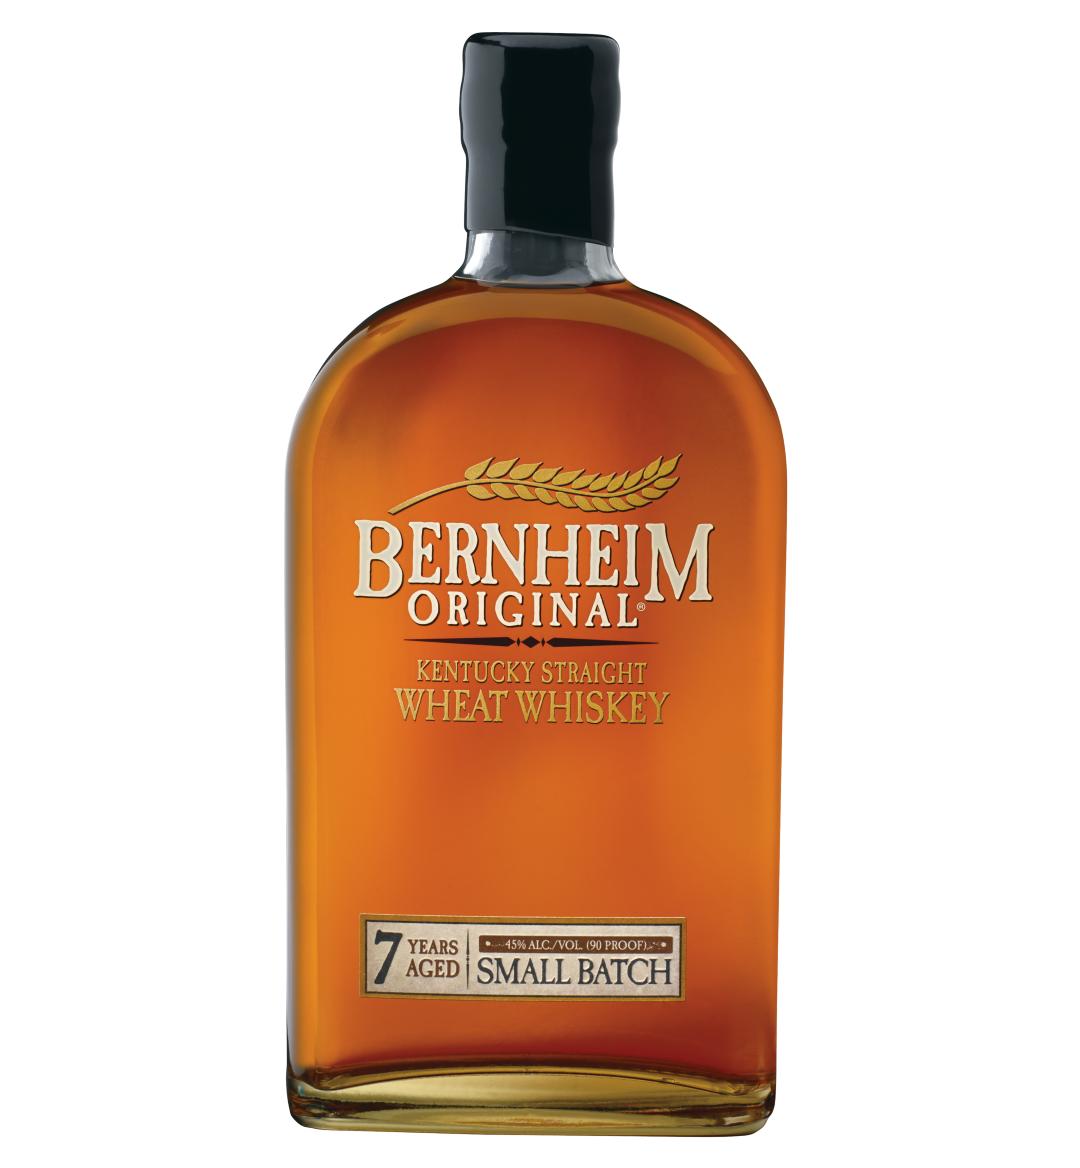 Bernheim Original White Whiskey 7 Years Old (2019)